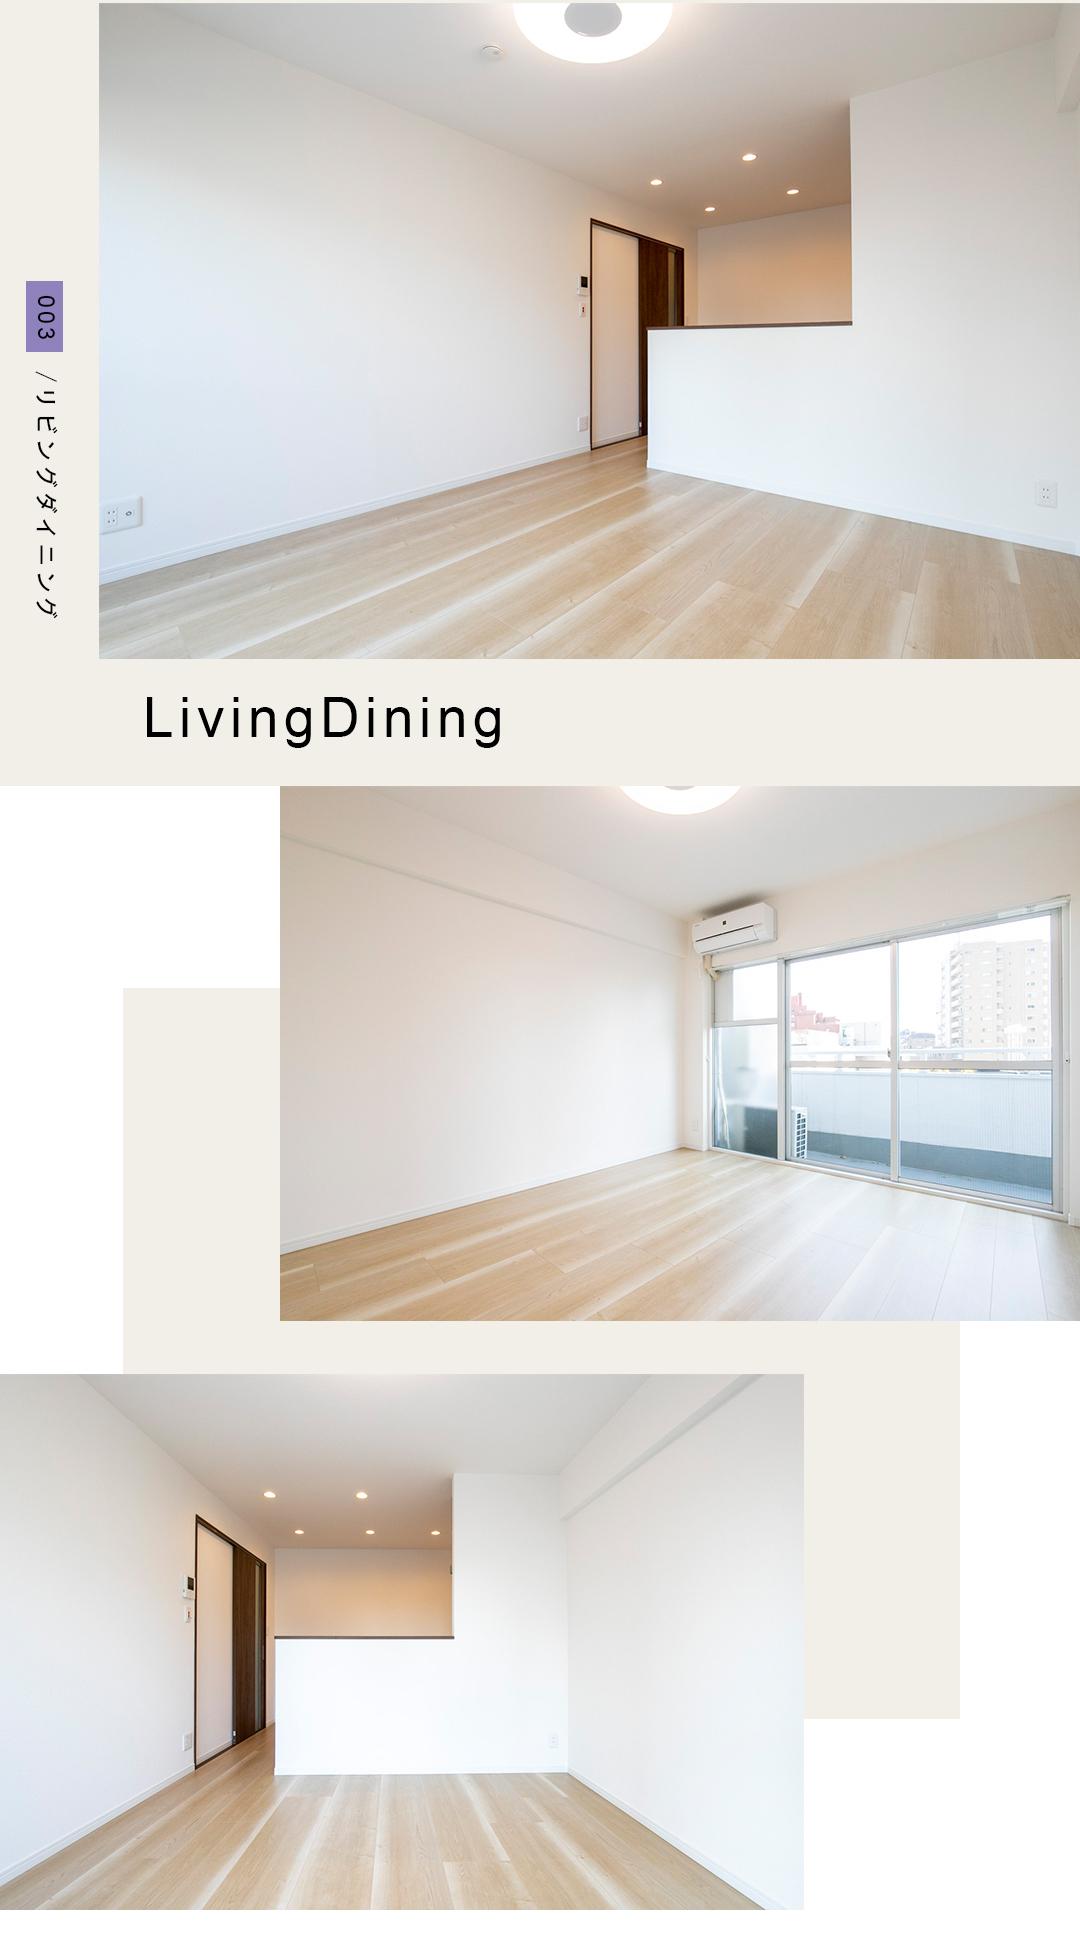 03リビングダイニング,LivingDining